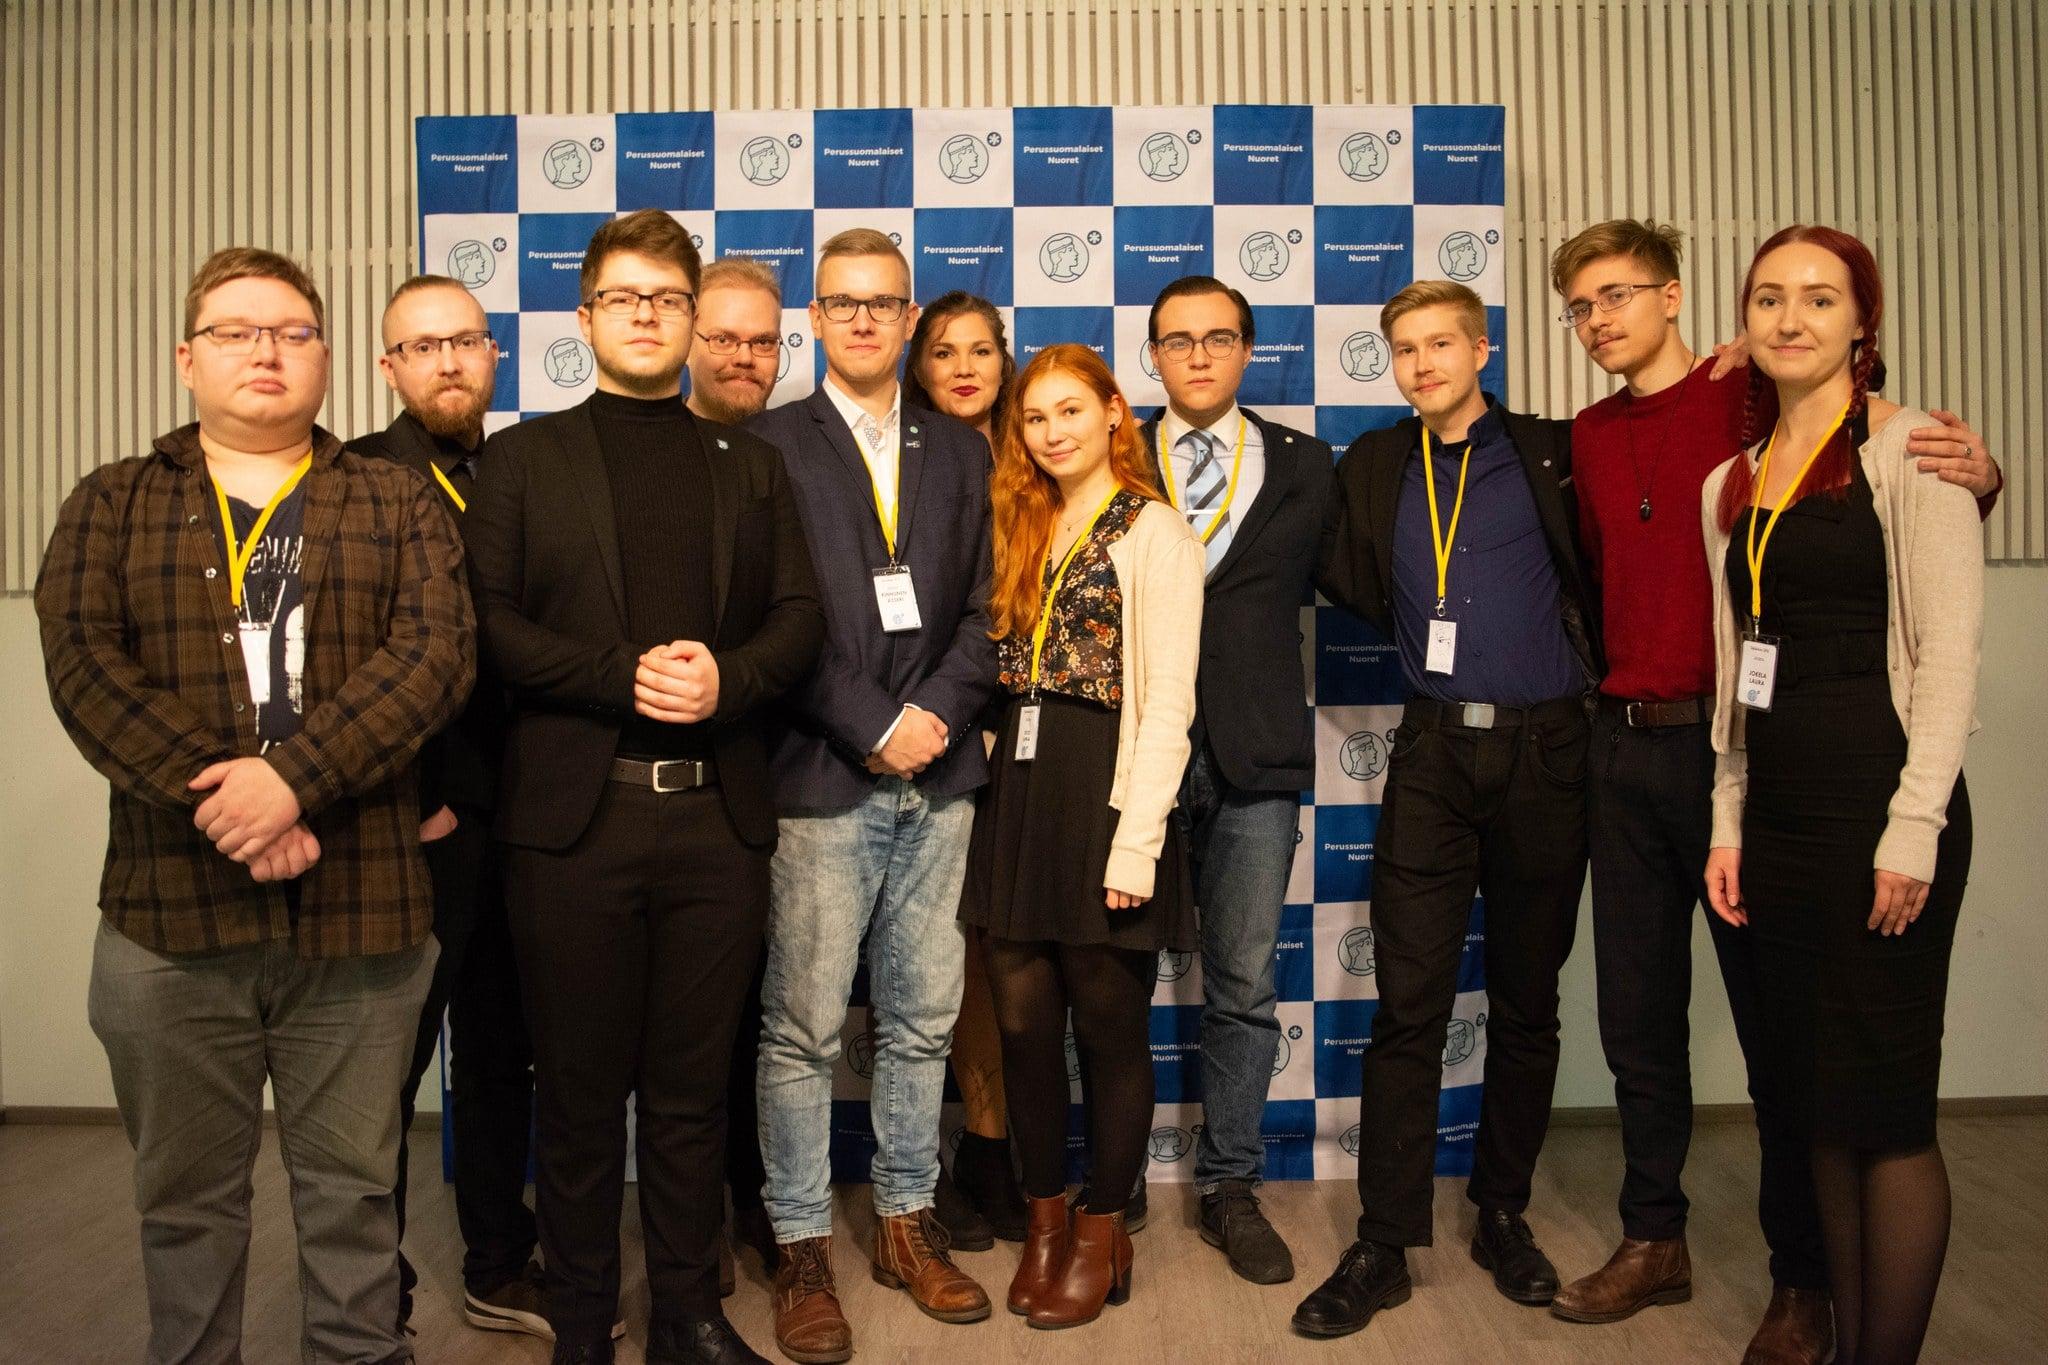 Sinine Äratus käis Soomes Noorte Põlissoomlaste üldkoosolekul